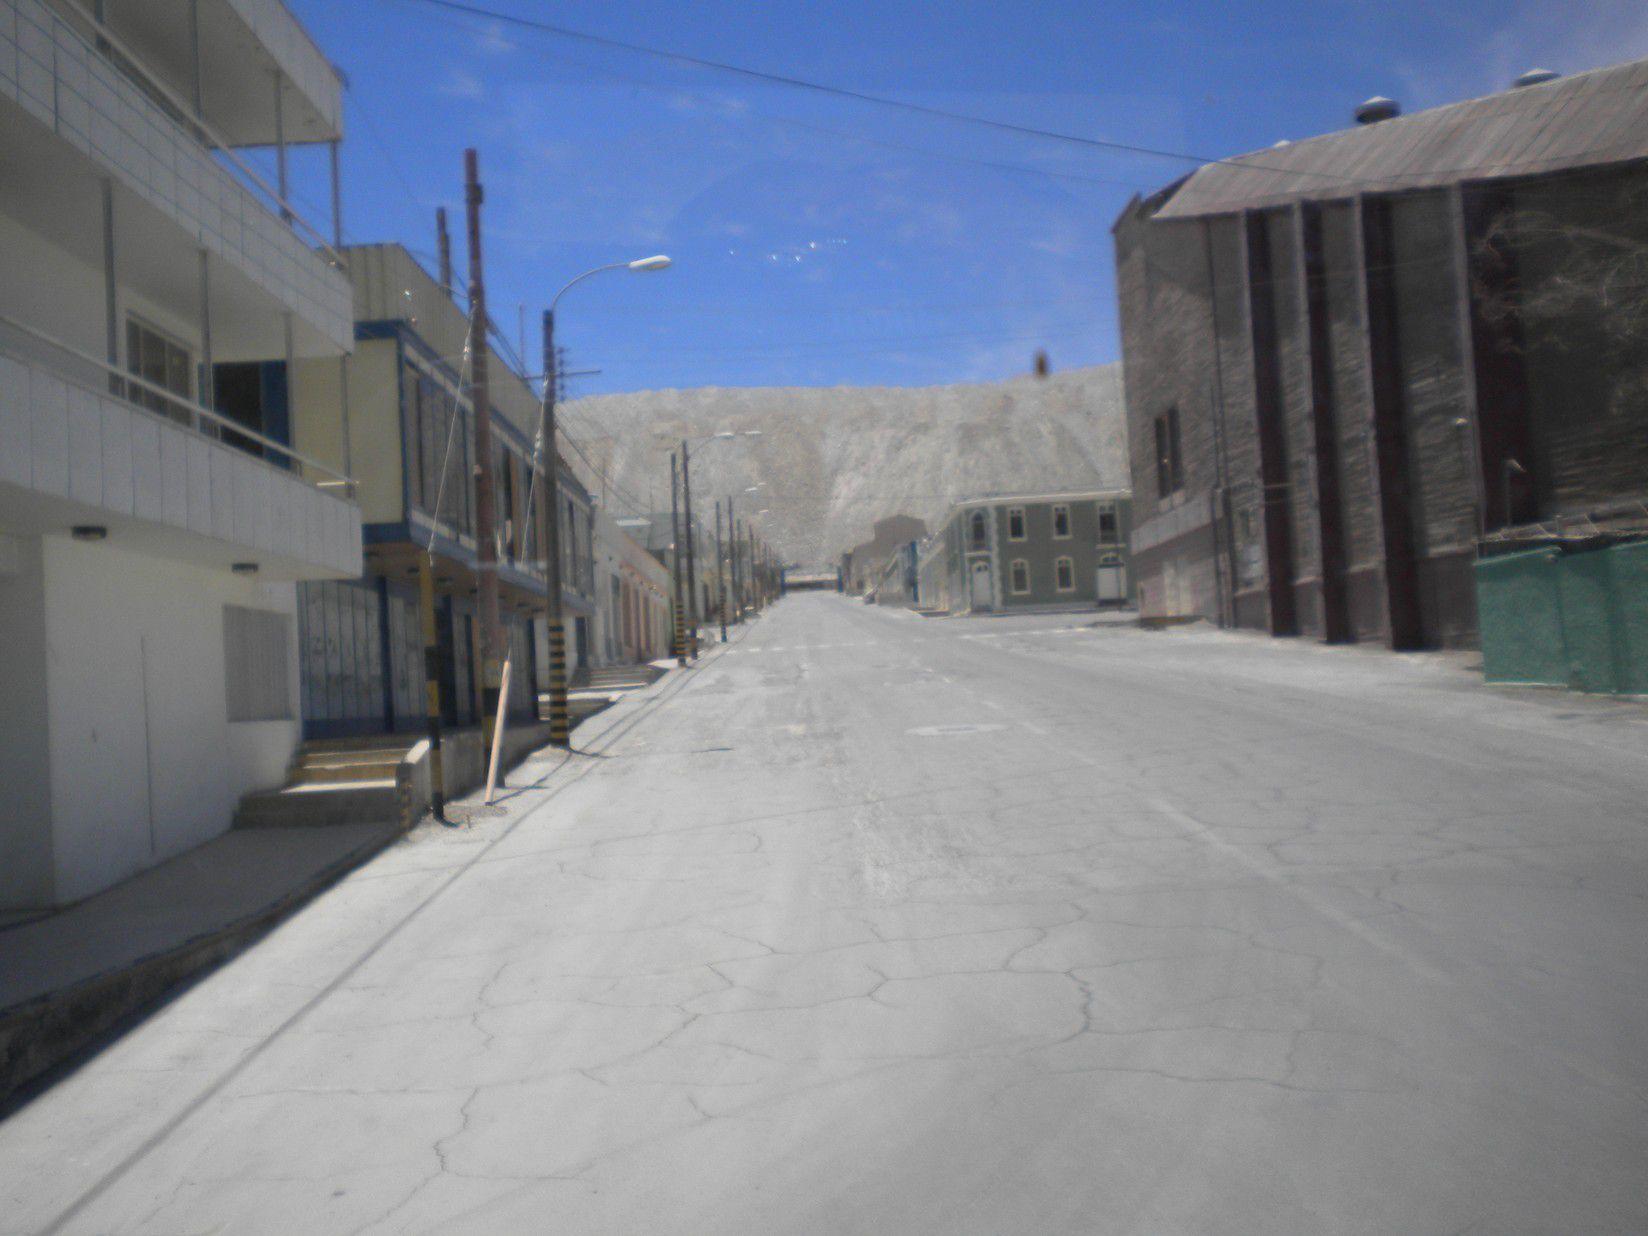 Южная Америка, Чили: шахта Чукикамата и заброшенный шахтерский поселок